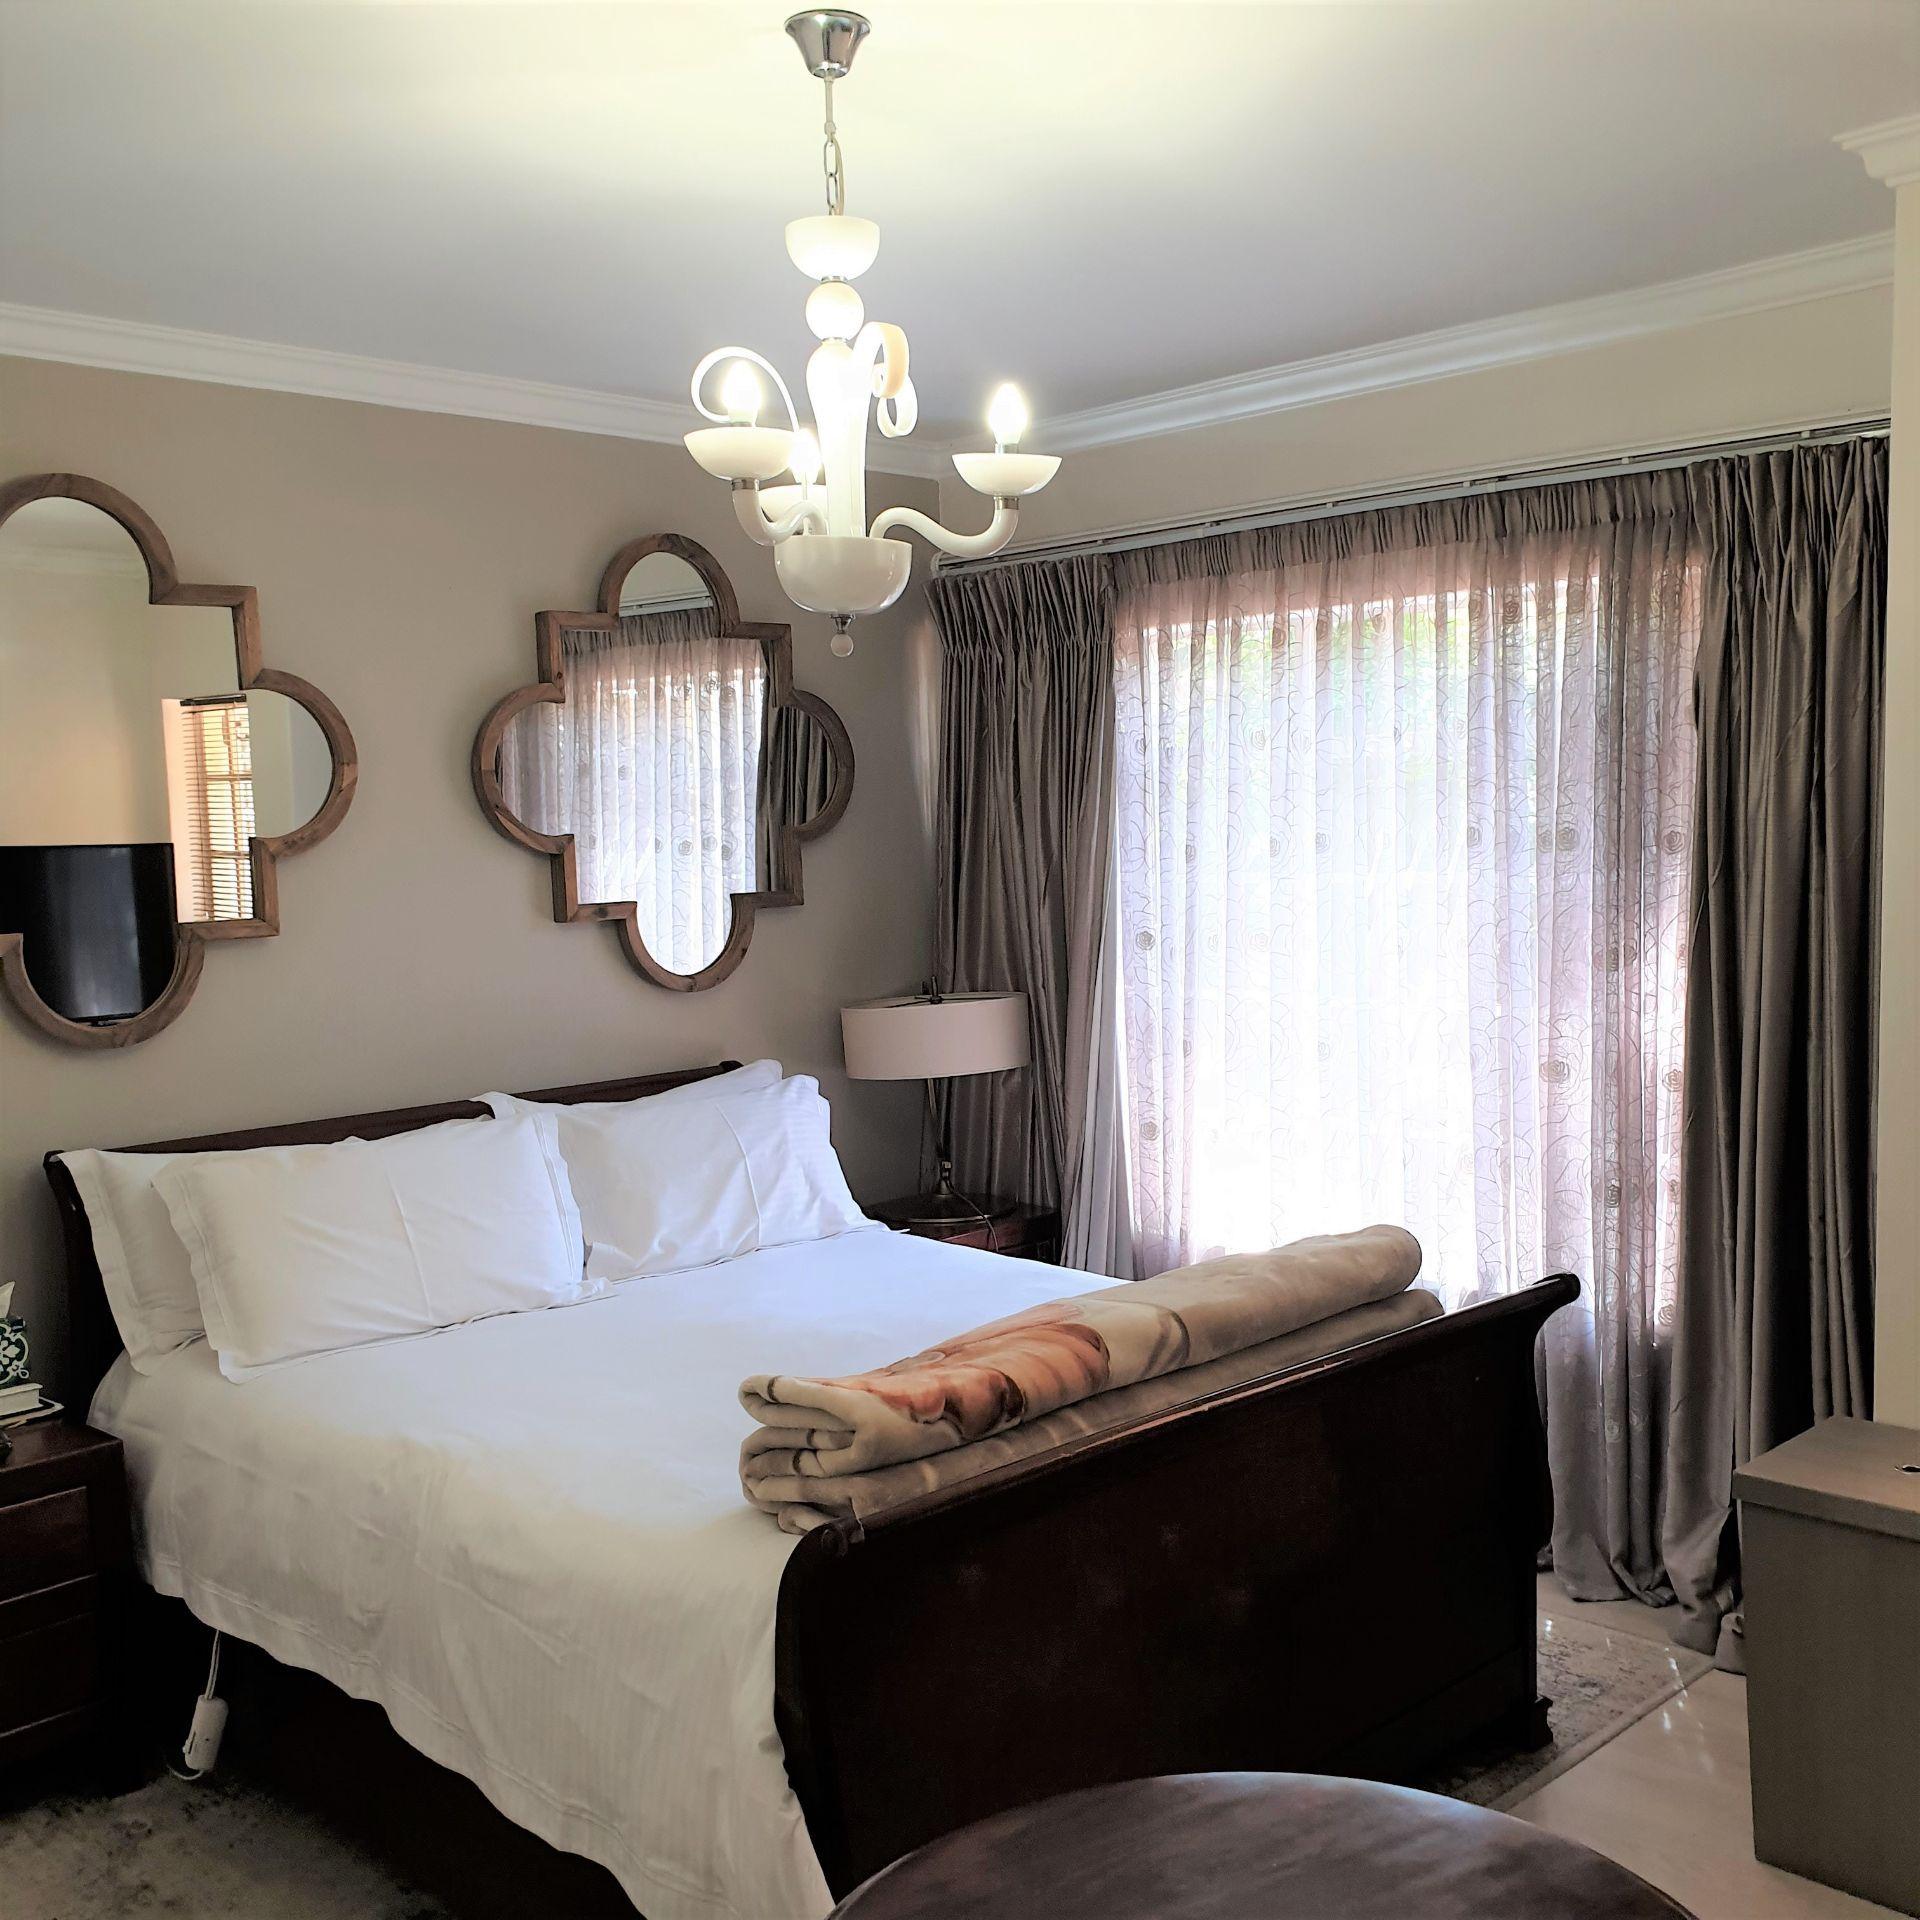 Main bedroom20200907_113417 (2).jpg